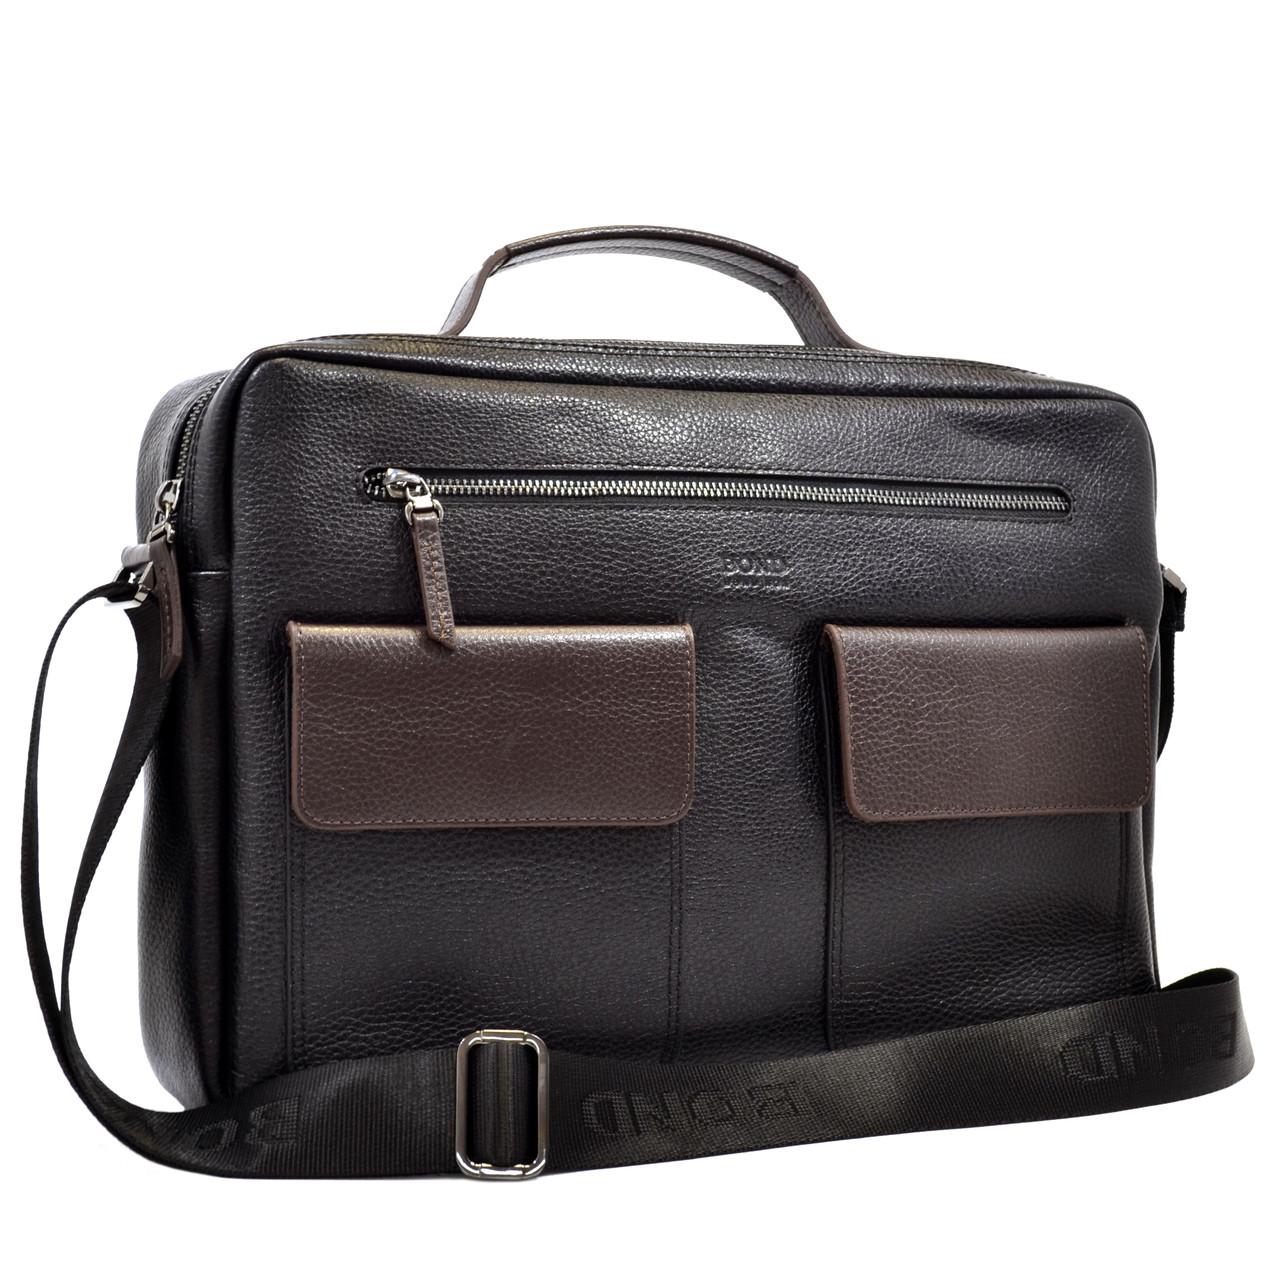 Мужской портфель–сумка Bond из натуральной кожи